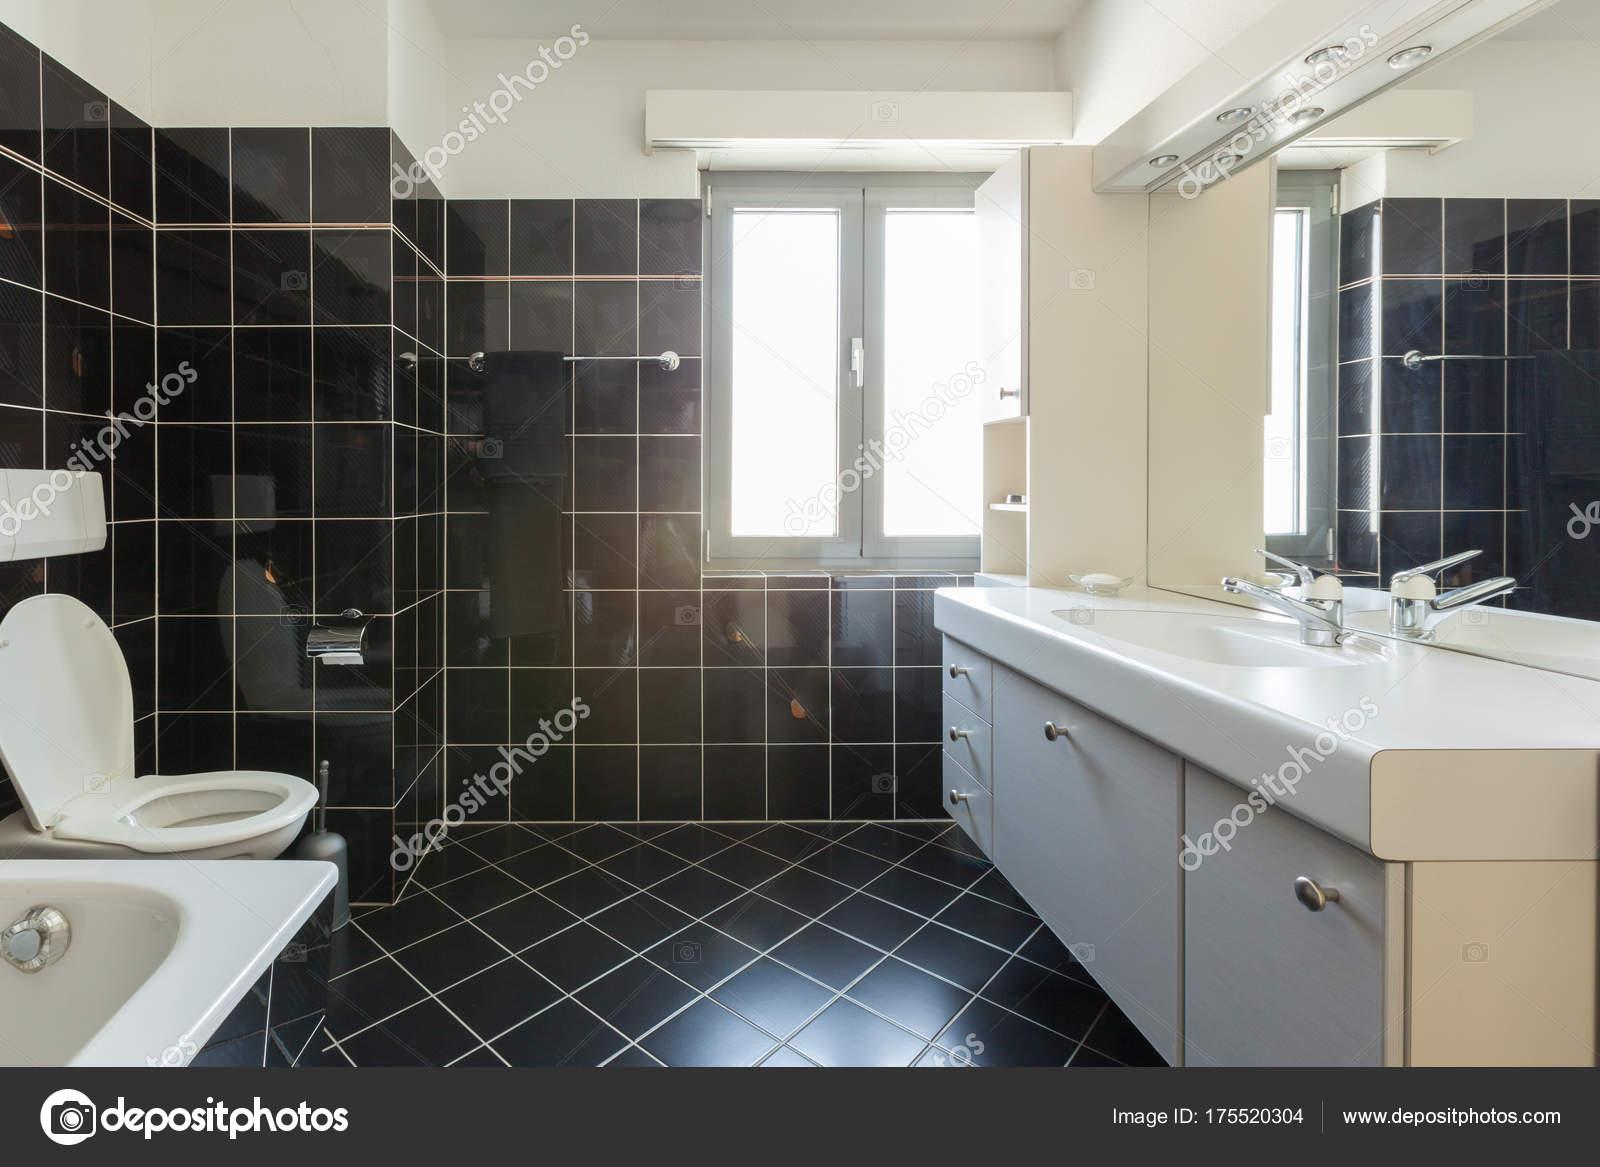 Modernes Haus innen, Bad — Stockfoto © Zveiger #175520304